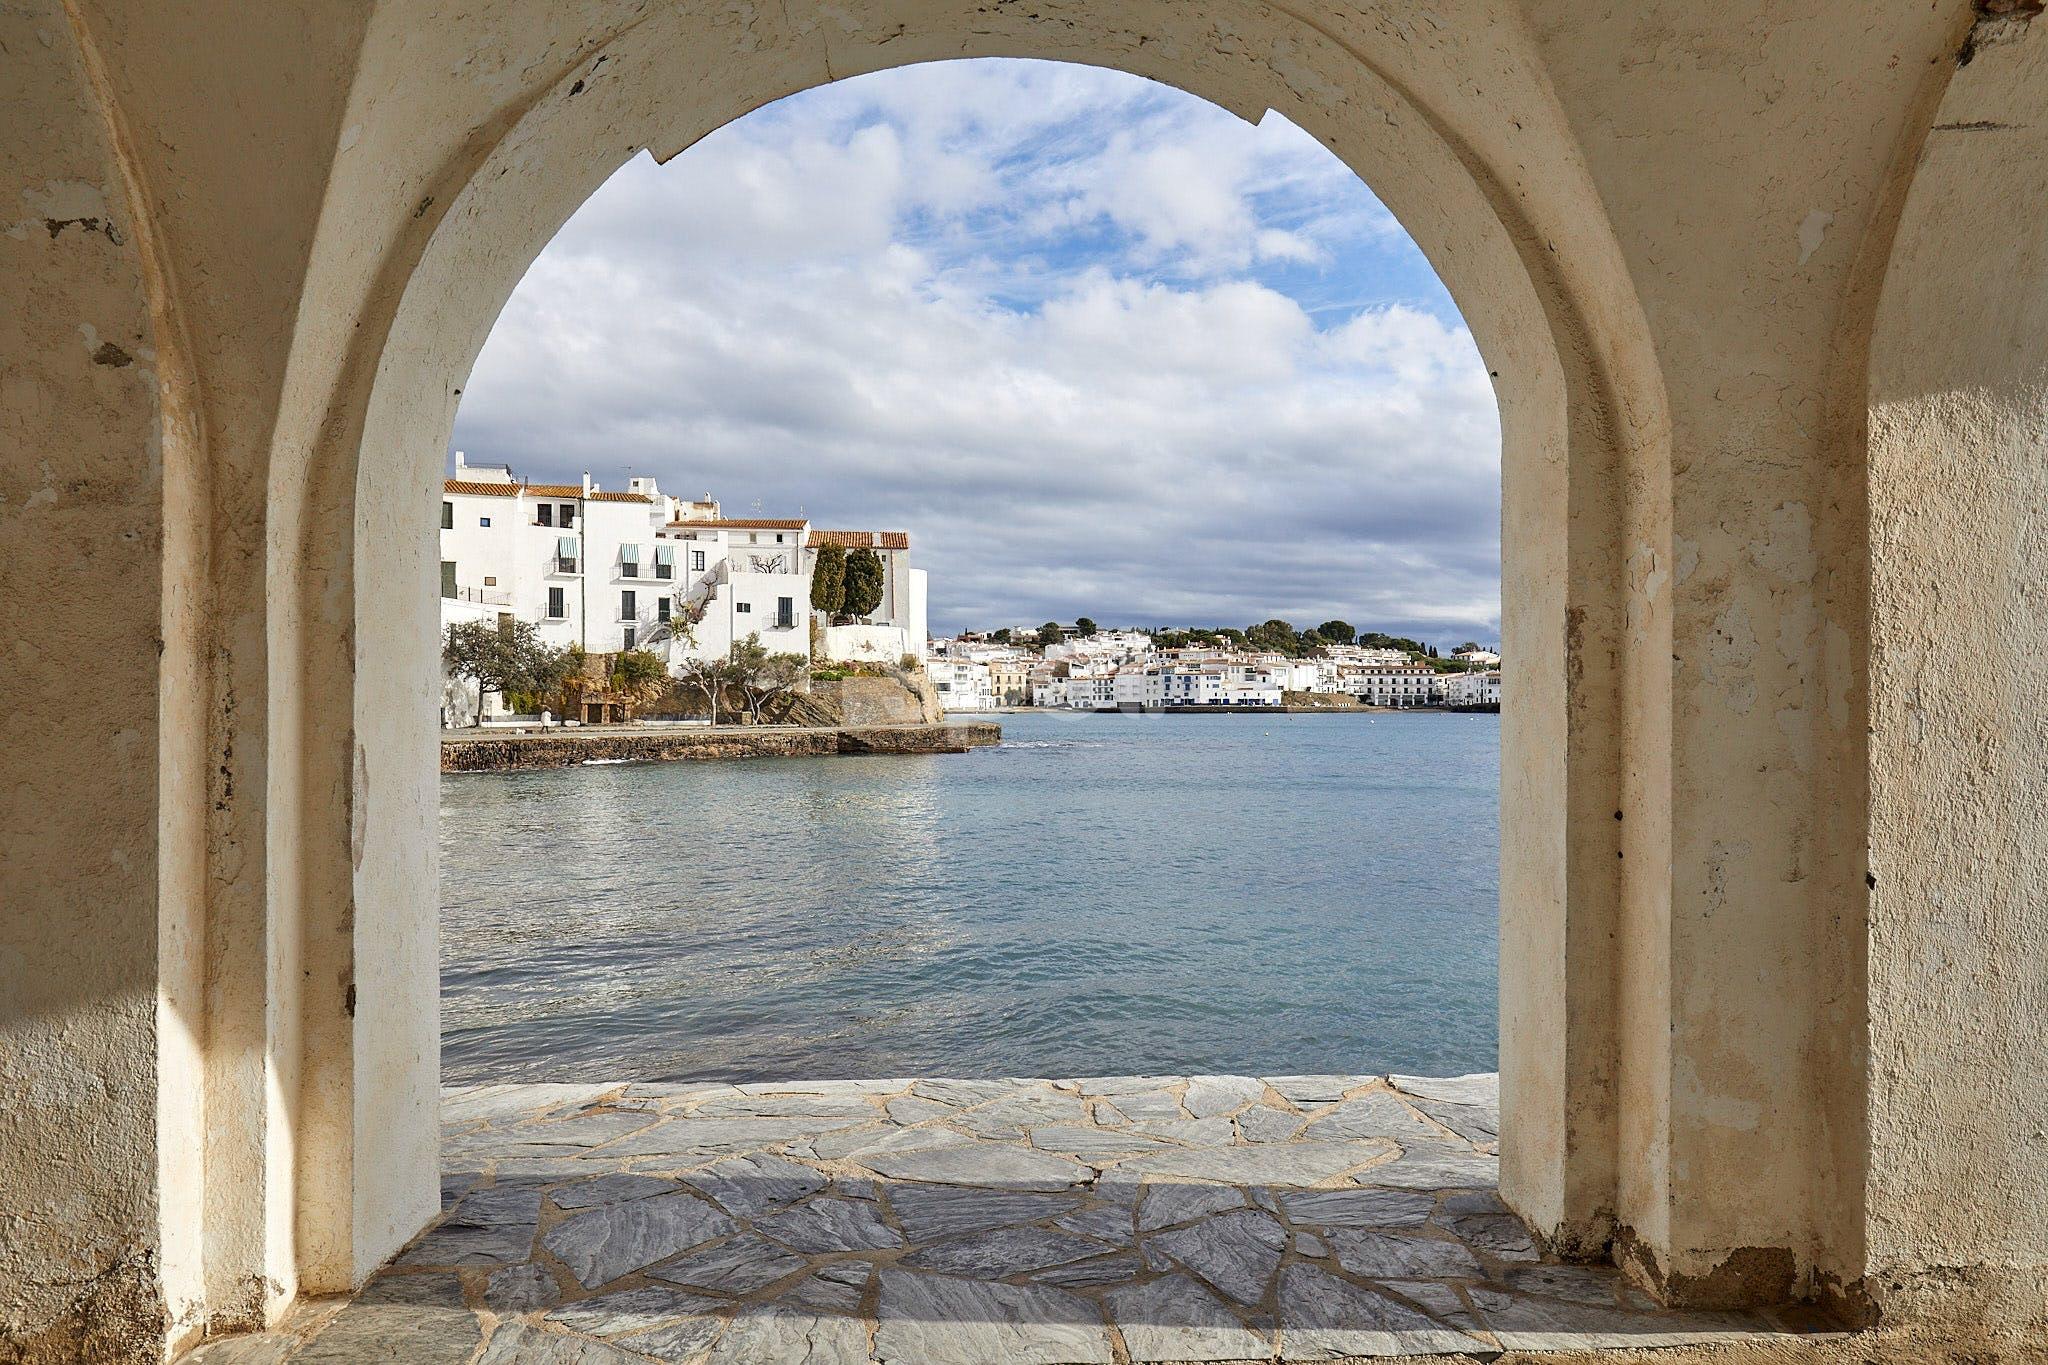 Arco al puerto, Spain